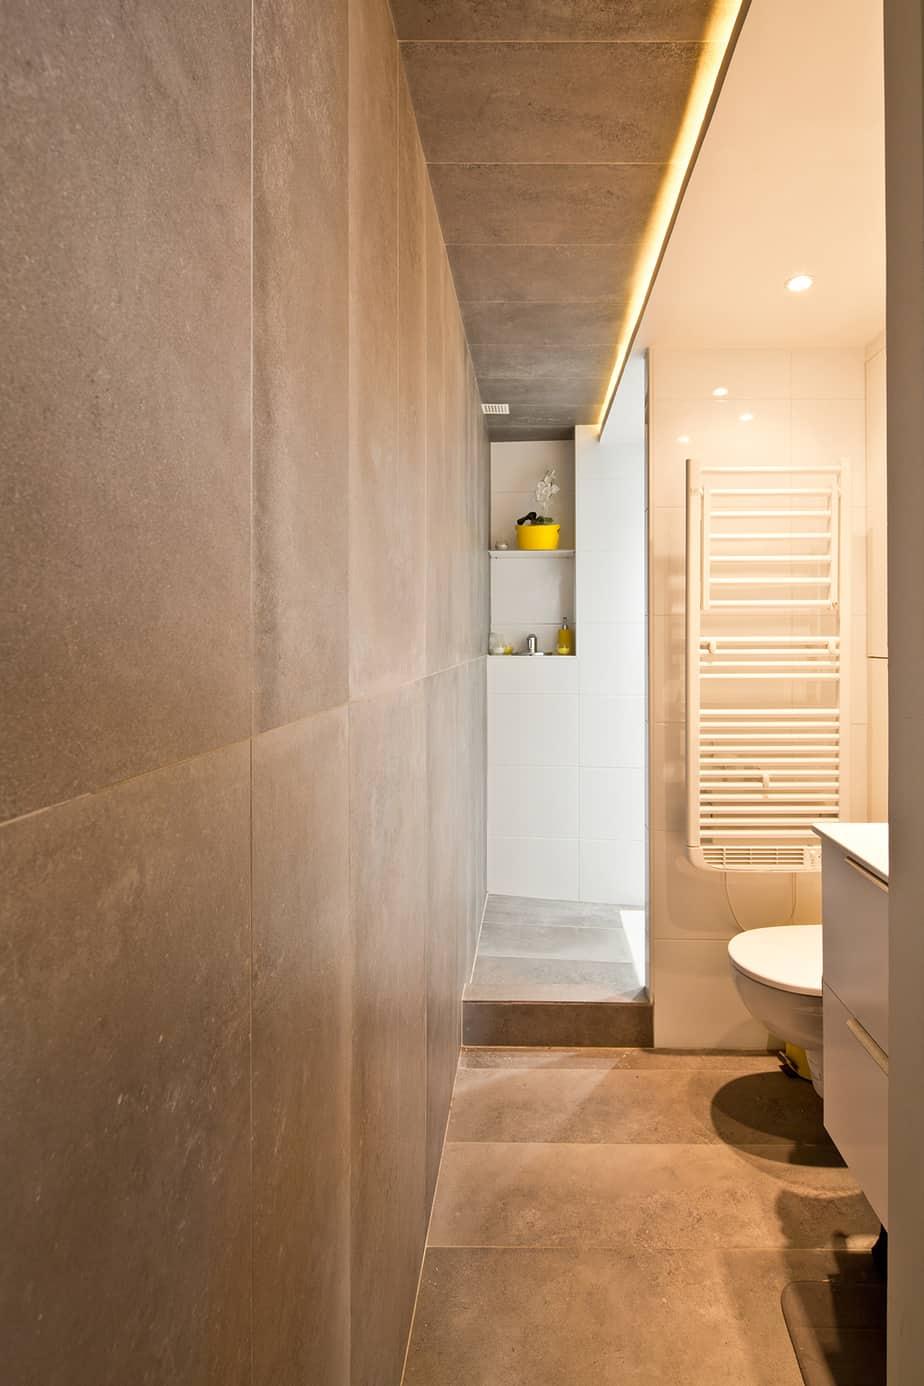 Salle de bain archibien © Jonathan Letoublon Architecte Antonin Ziegler via Archibien 15 - Visite d'un appartement Archibien à Paris